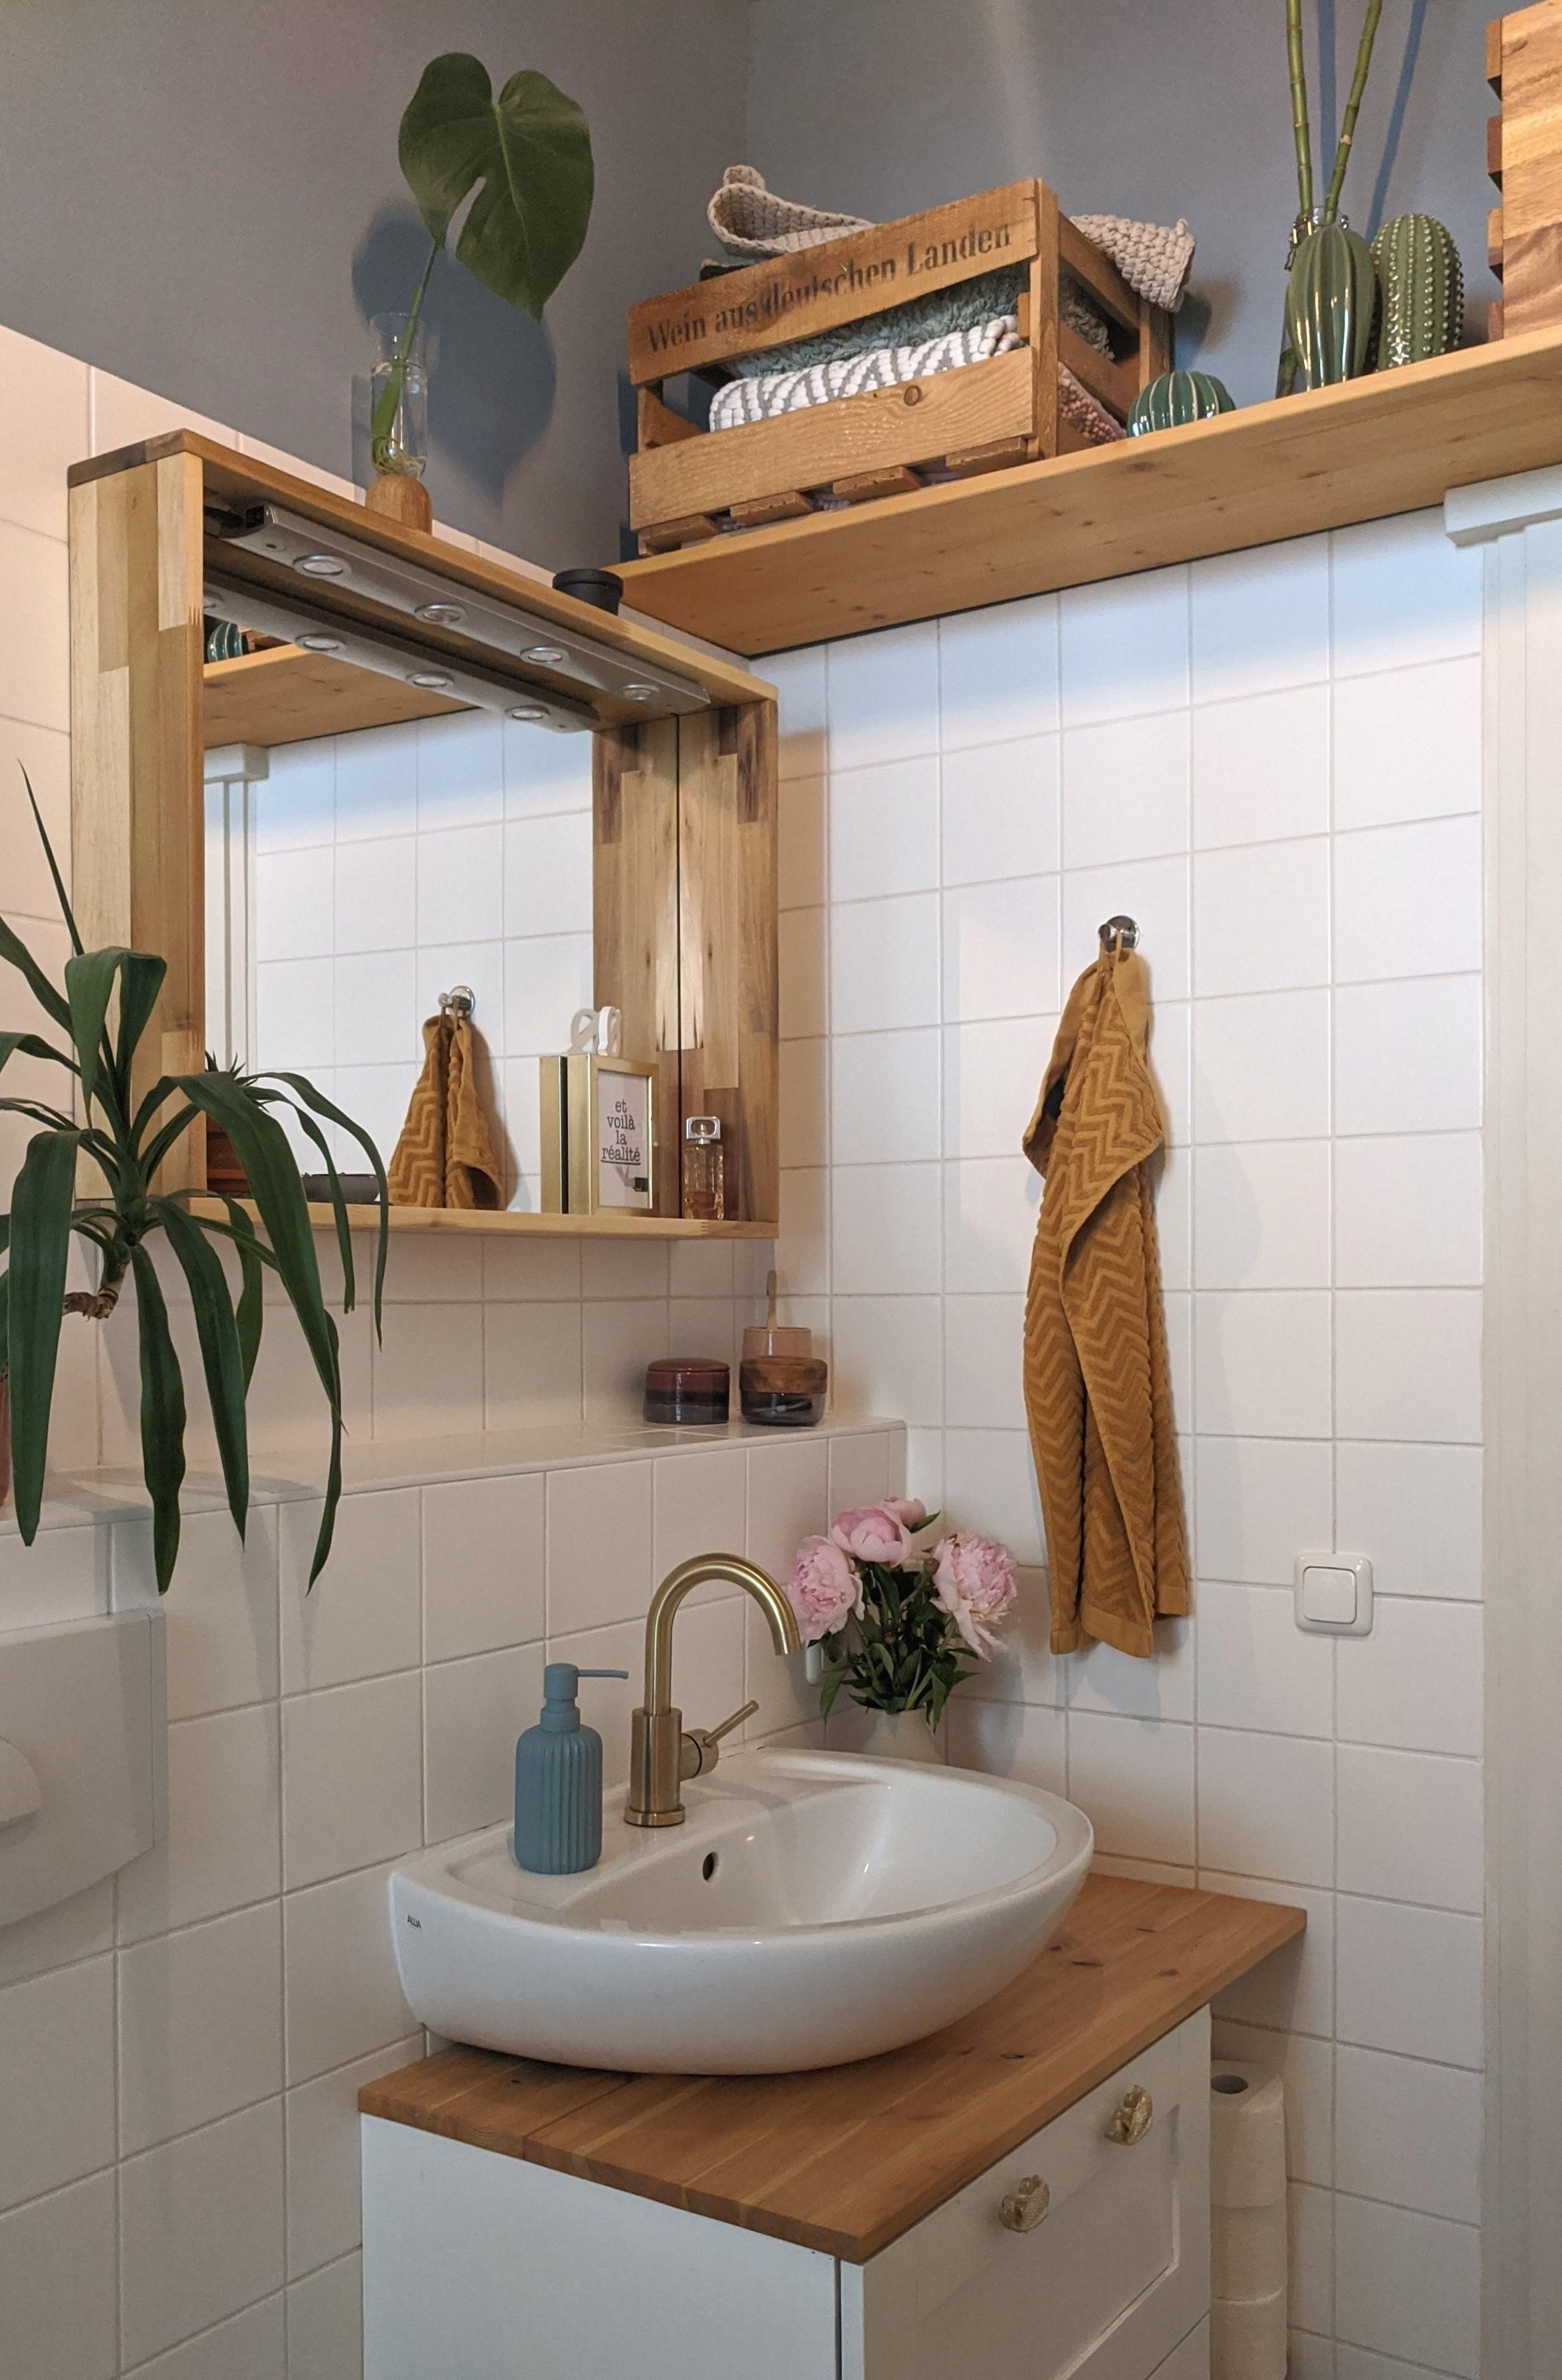 Ich Liebe Unseren Neuen Wasserhahn Kleinesbad Ba In 2020 Badezimmer Holz Wohnung Wohnung Dekoration